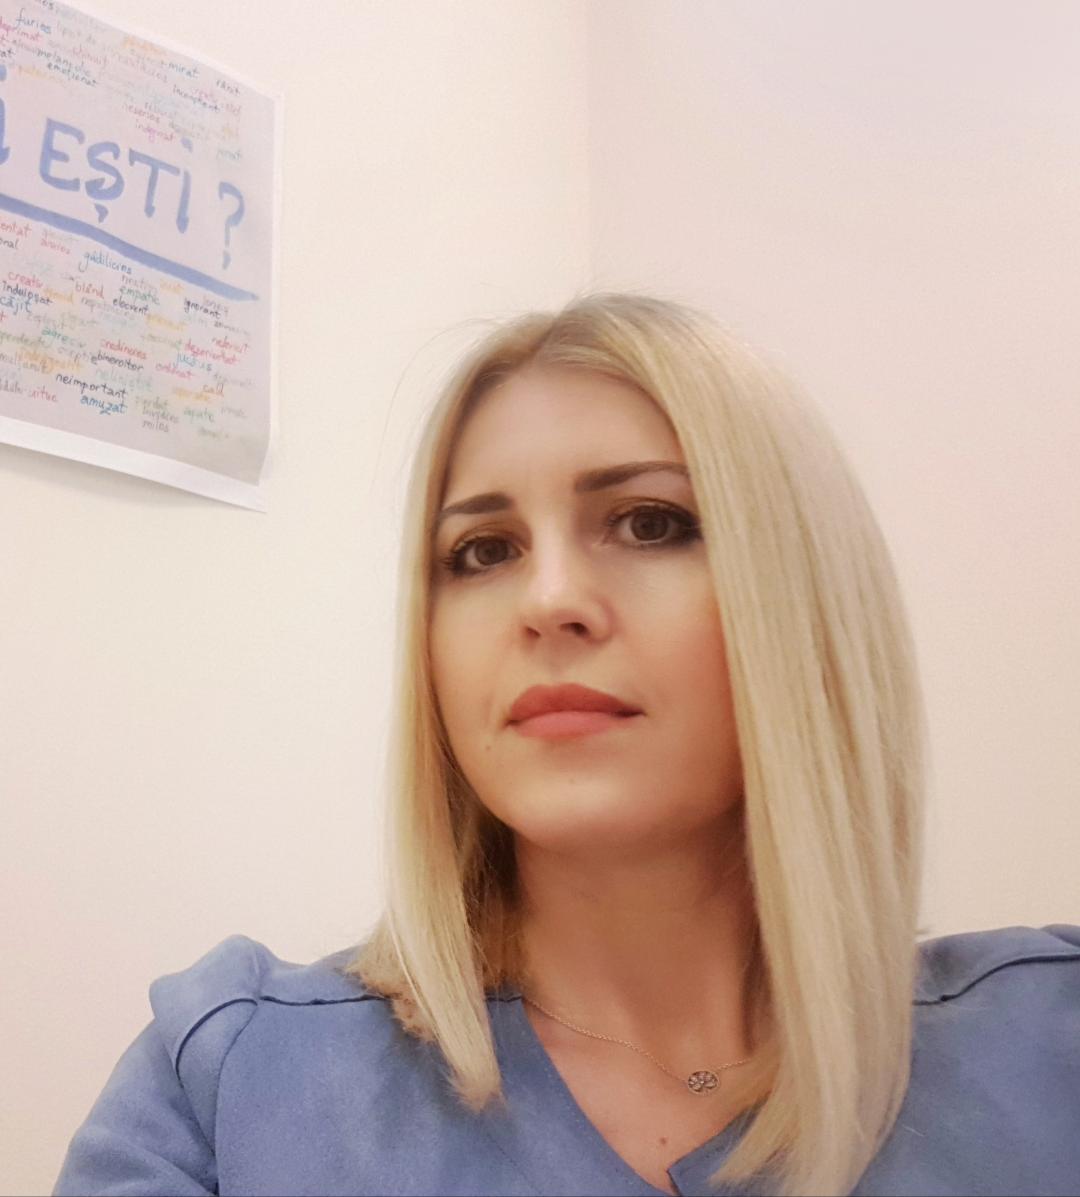 Psiholog Mioara Grigoraș. Să ne bucurăm, vine Crăciunul!